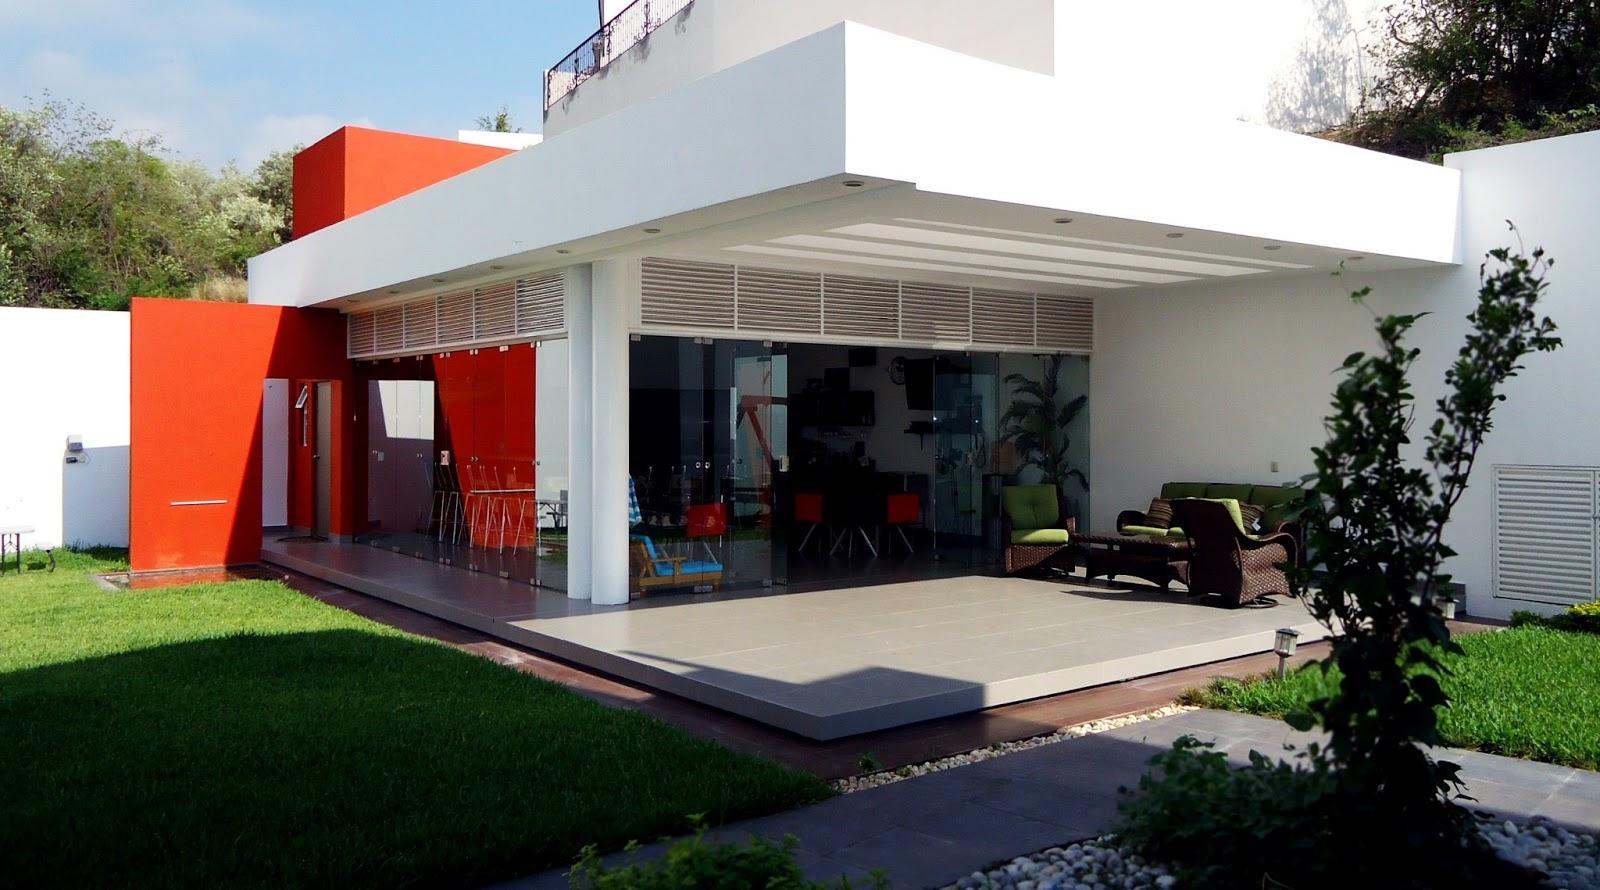 fotos jardins rusticos:Fotos De Casas Modernas Con Palapa